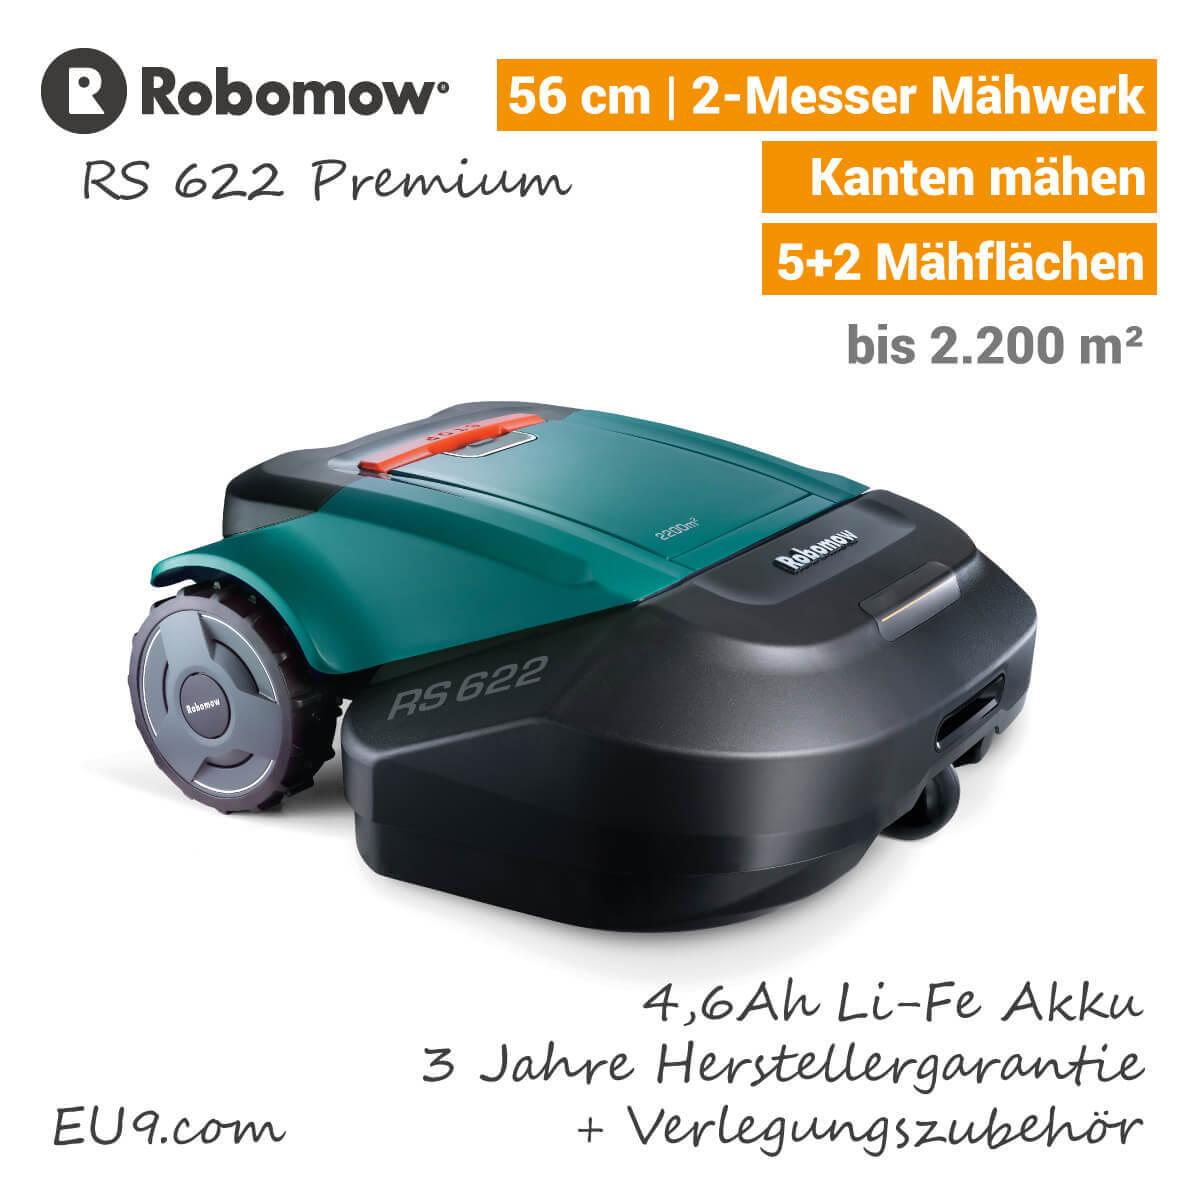 robomow rs622 rasenroboter g nstig kaufen eu9 robotics. Black Bedroom Furniture Sets. Home Design Ideas